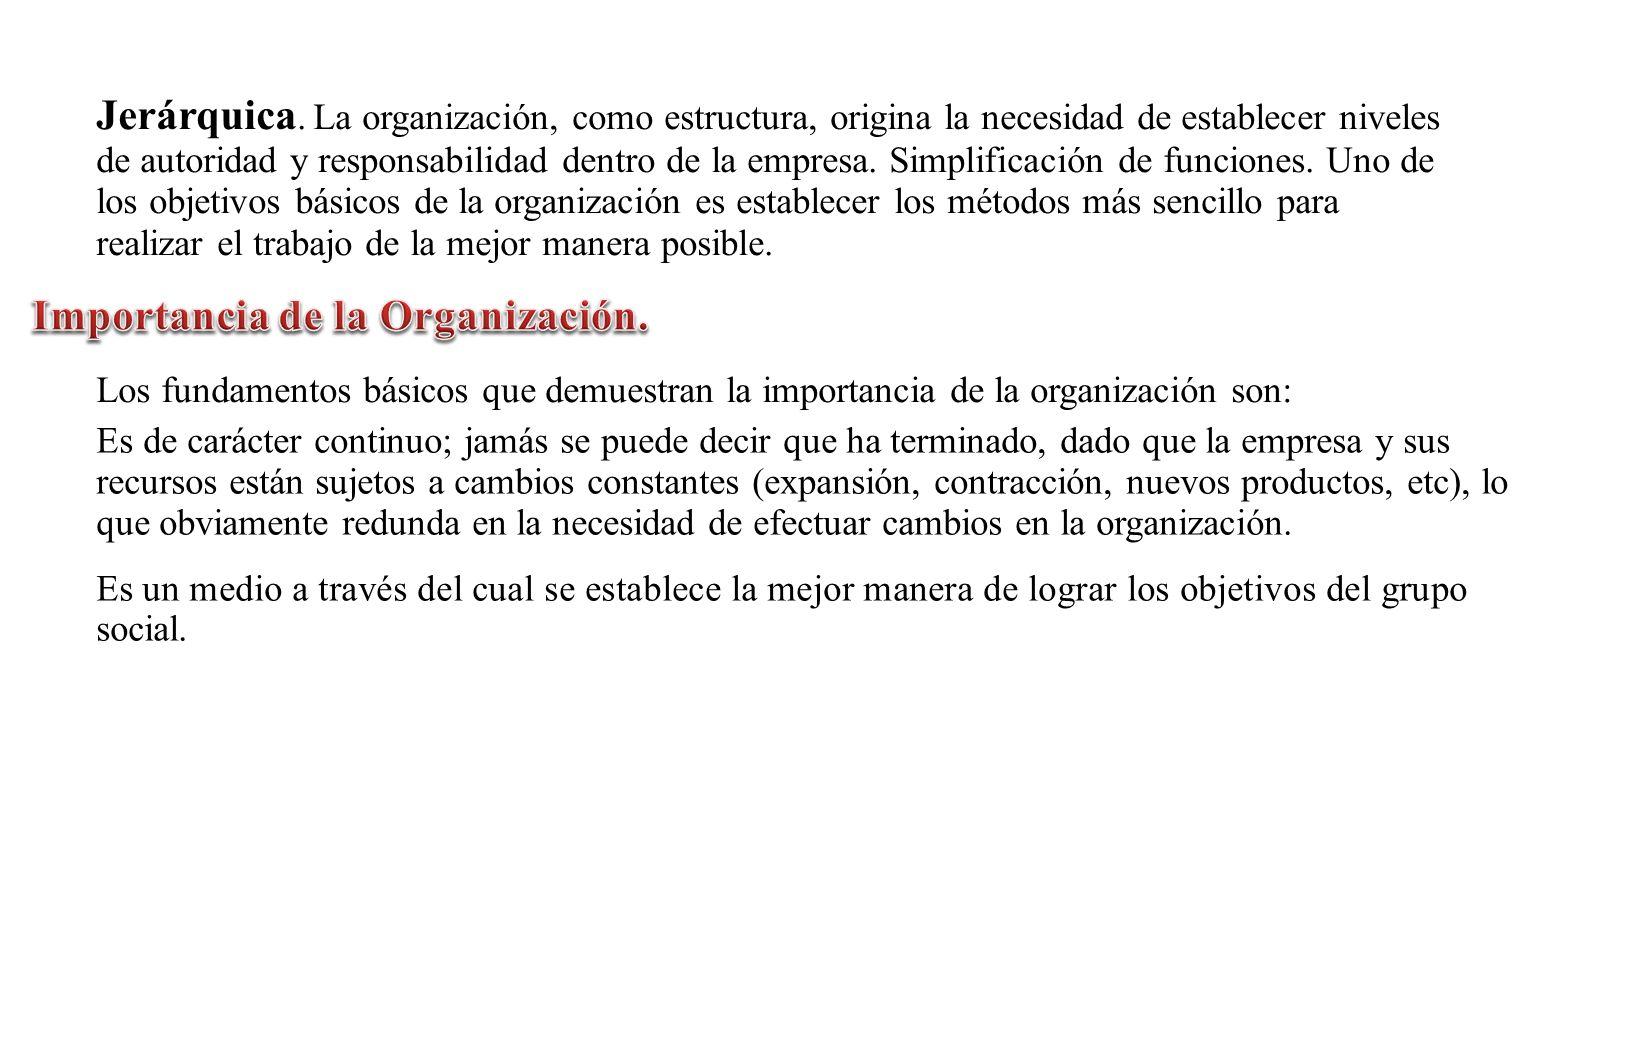 Importancia de la Organización.